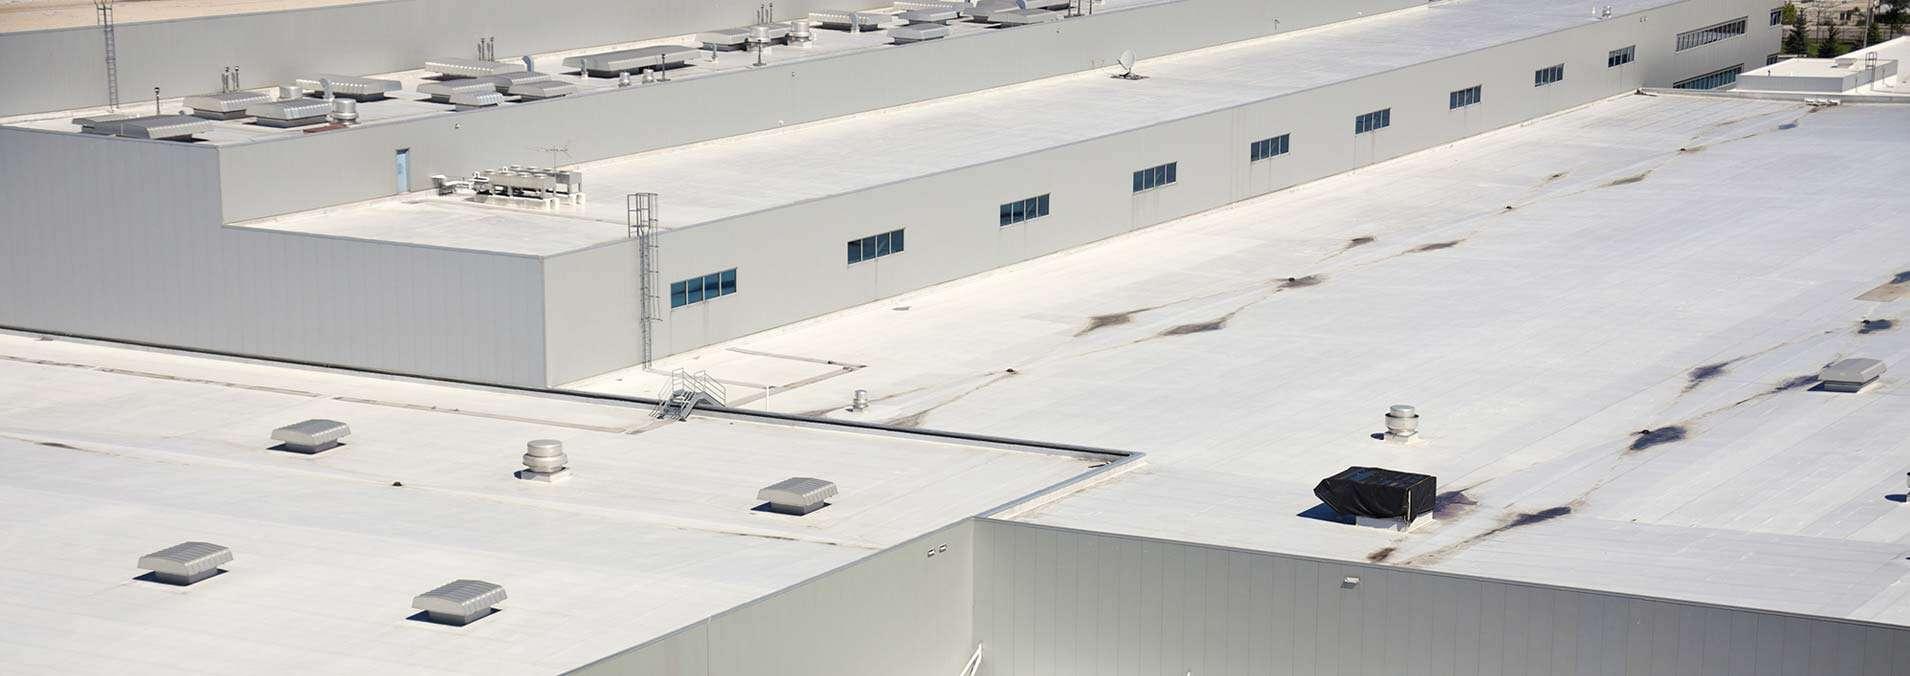 Roof Repair Atlanta, GA